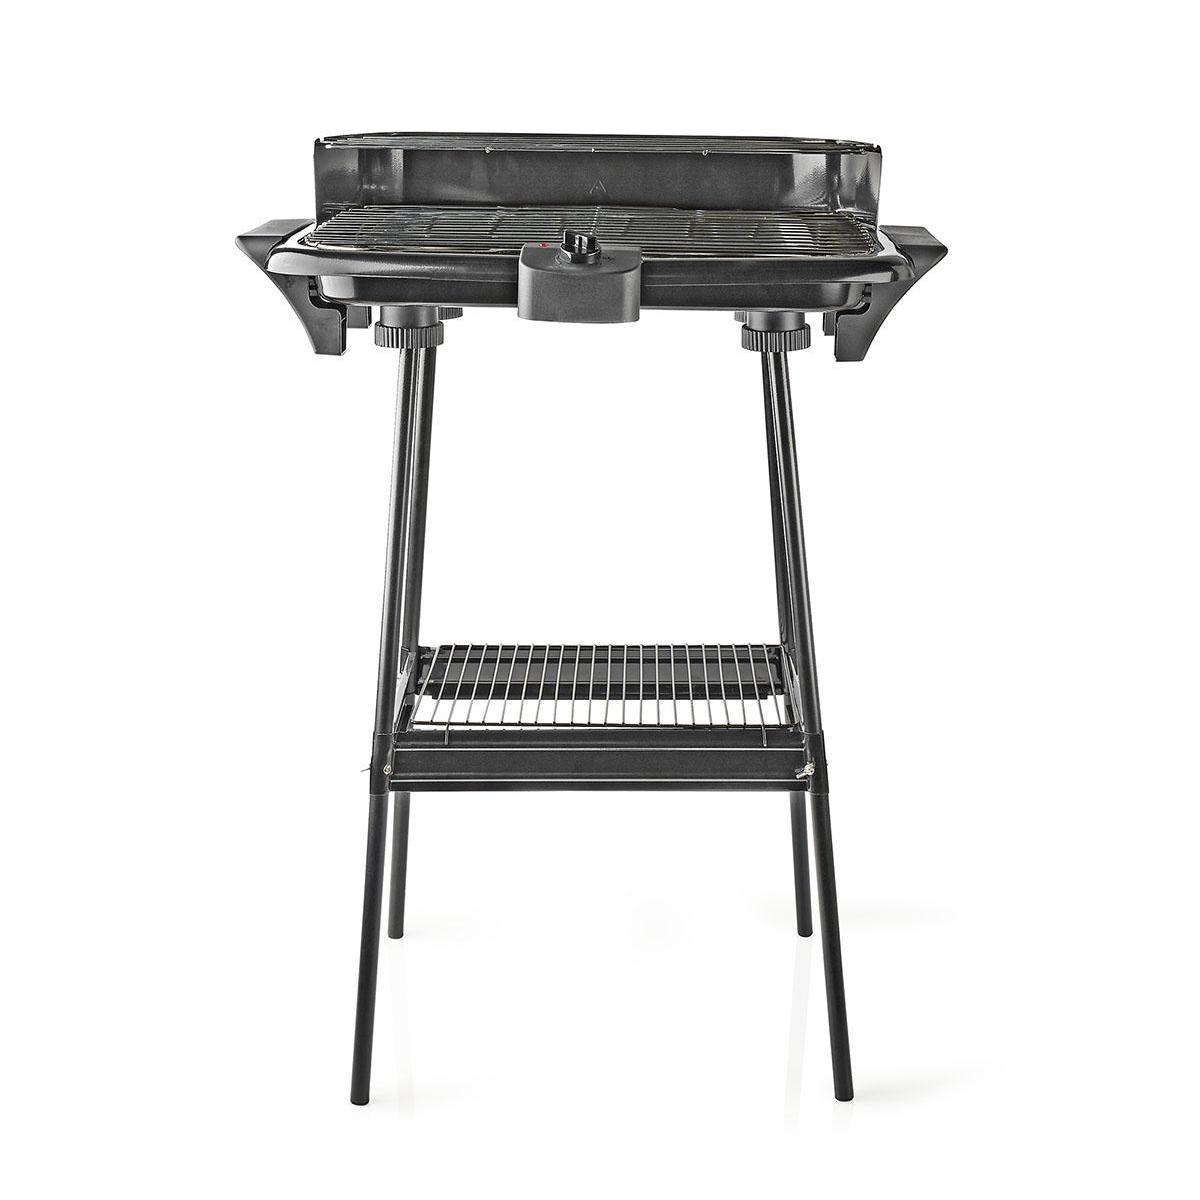 Elektrický obdélníkový gril NEDIS BBQE111BK, 46 × 28 cm, 2 000 W